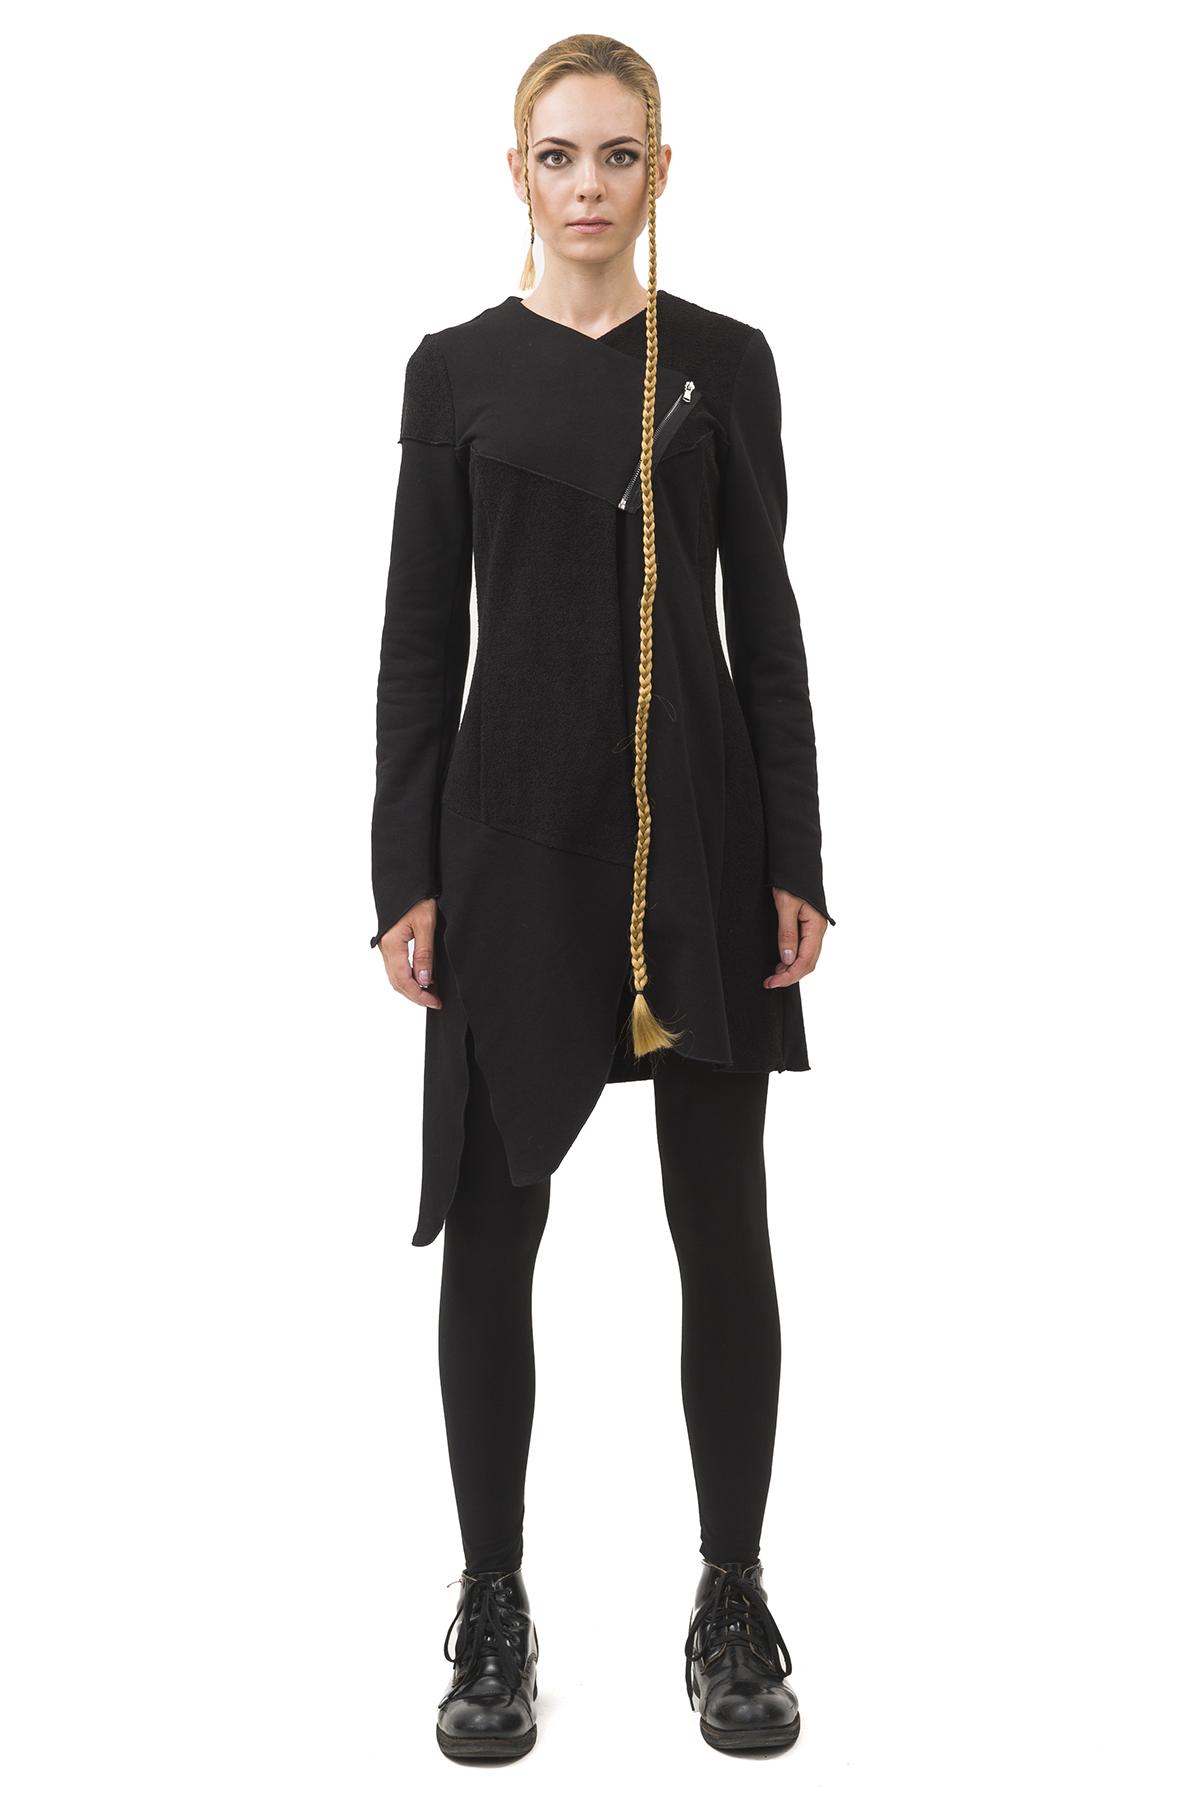 ПальтоЖенские куртки, плащи, пальто<br>Пальто Pavel Yerokin выполнено из ткани рокко. Особенности: сложный расчлененный, асимметричный крой, застежка на молнии, шнуровка по всей спине,  длинный рукав.<br><br>Цвет: черный<br>Состав: Хлопок - 70%, Полиэстер - 30%<br>Размер: 40,42,44,46,48,50,52<br>Страна дизайна: Россия<br>Страна производства: Россия